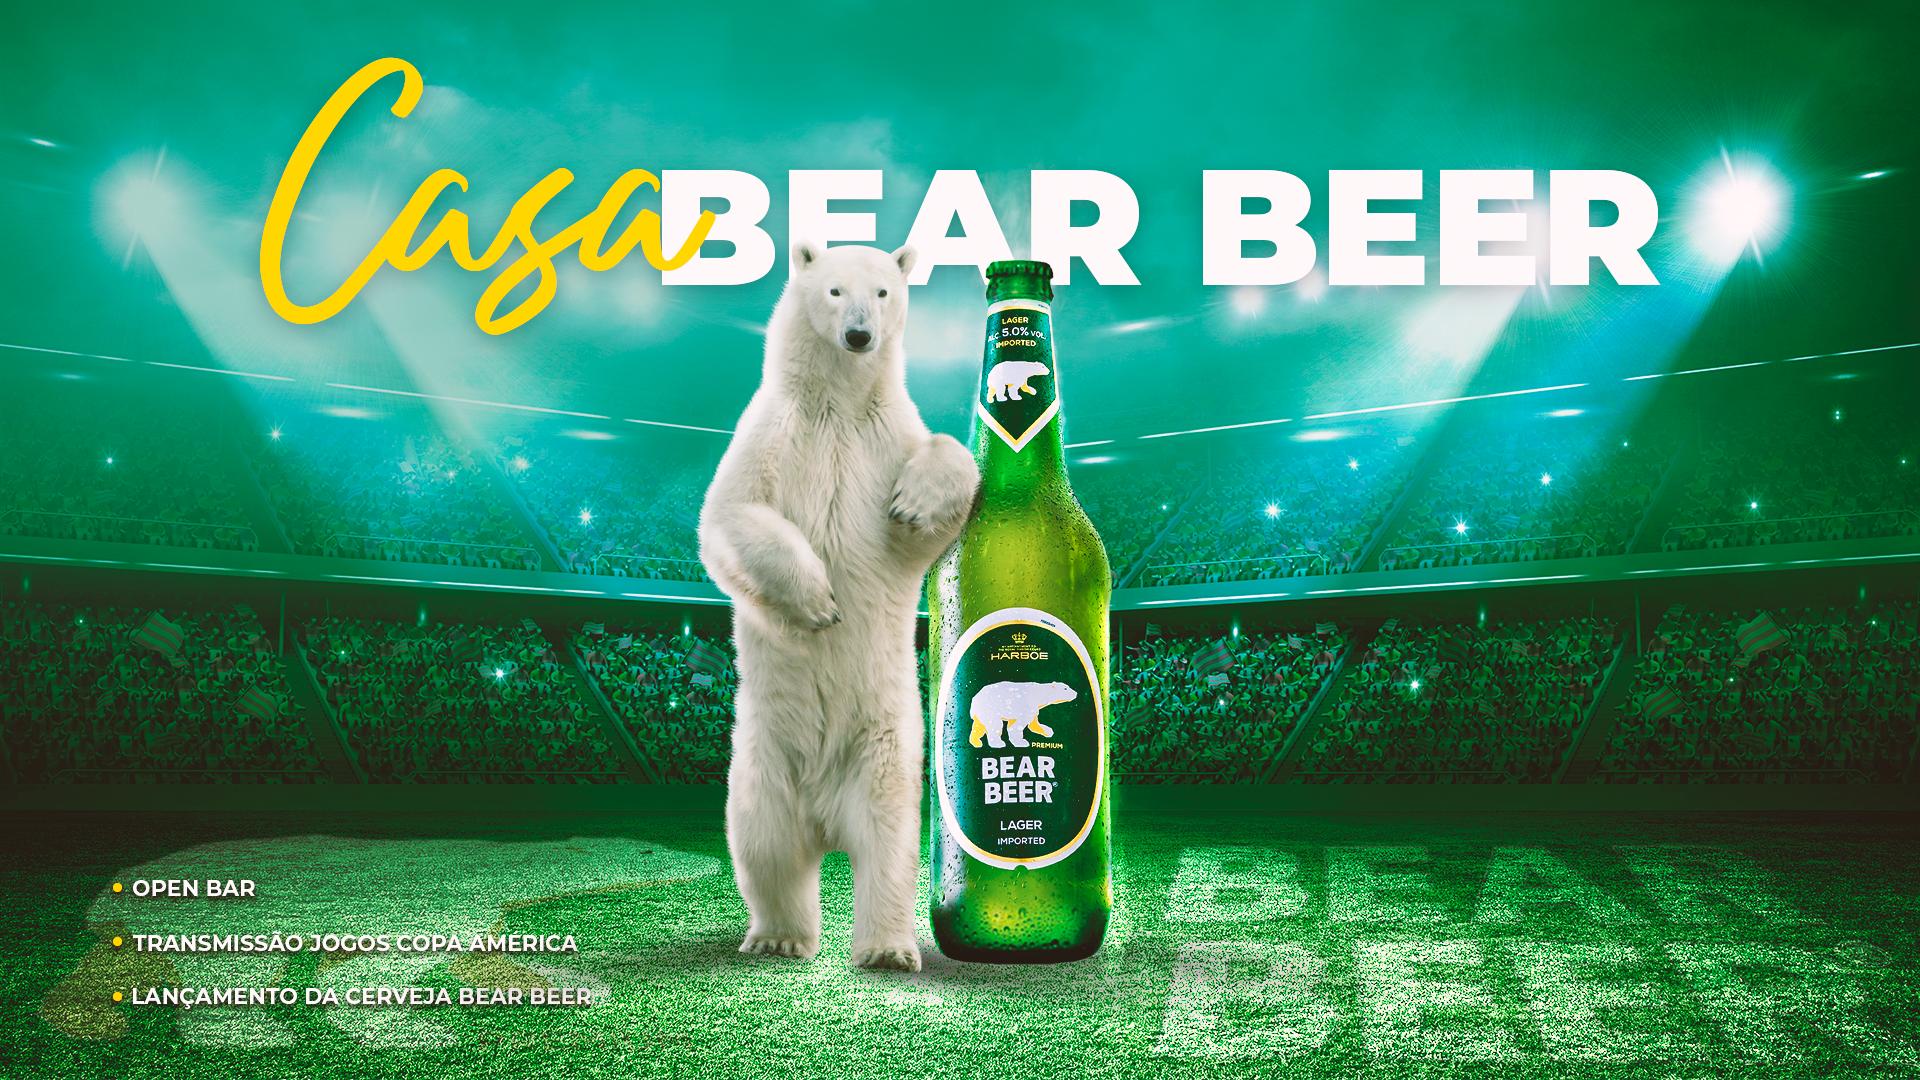 CASA BEAR BEER